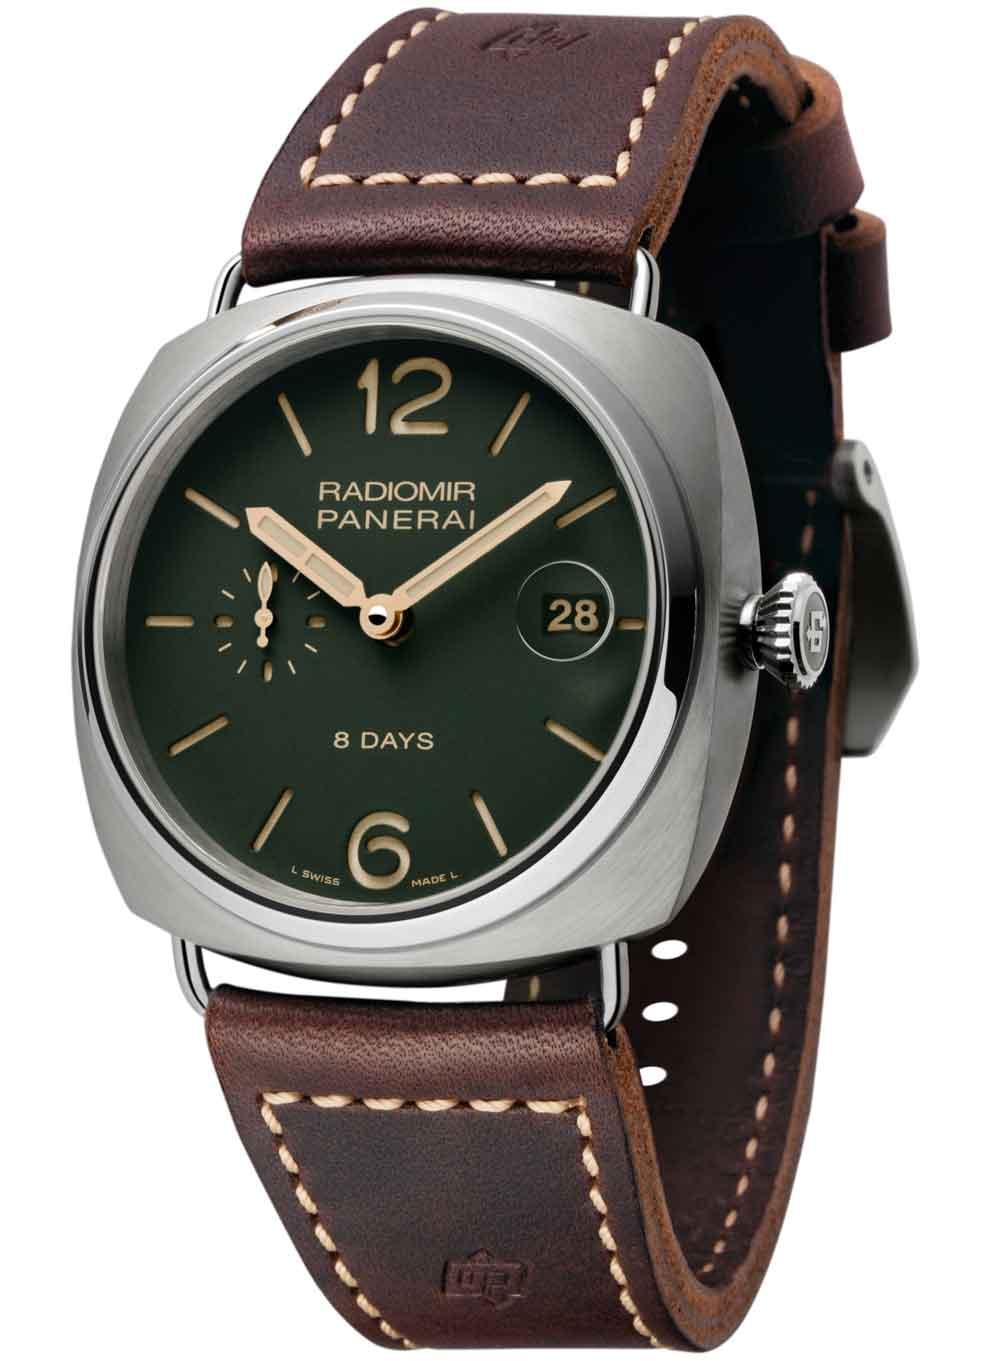 Relojes Panerai Radiomir 8 Days Titanio – 45mm esfera verde de Panerai